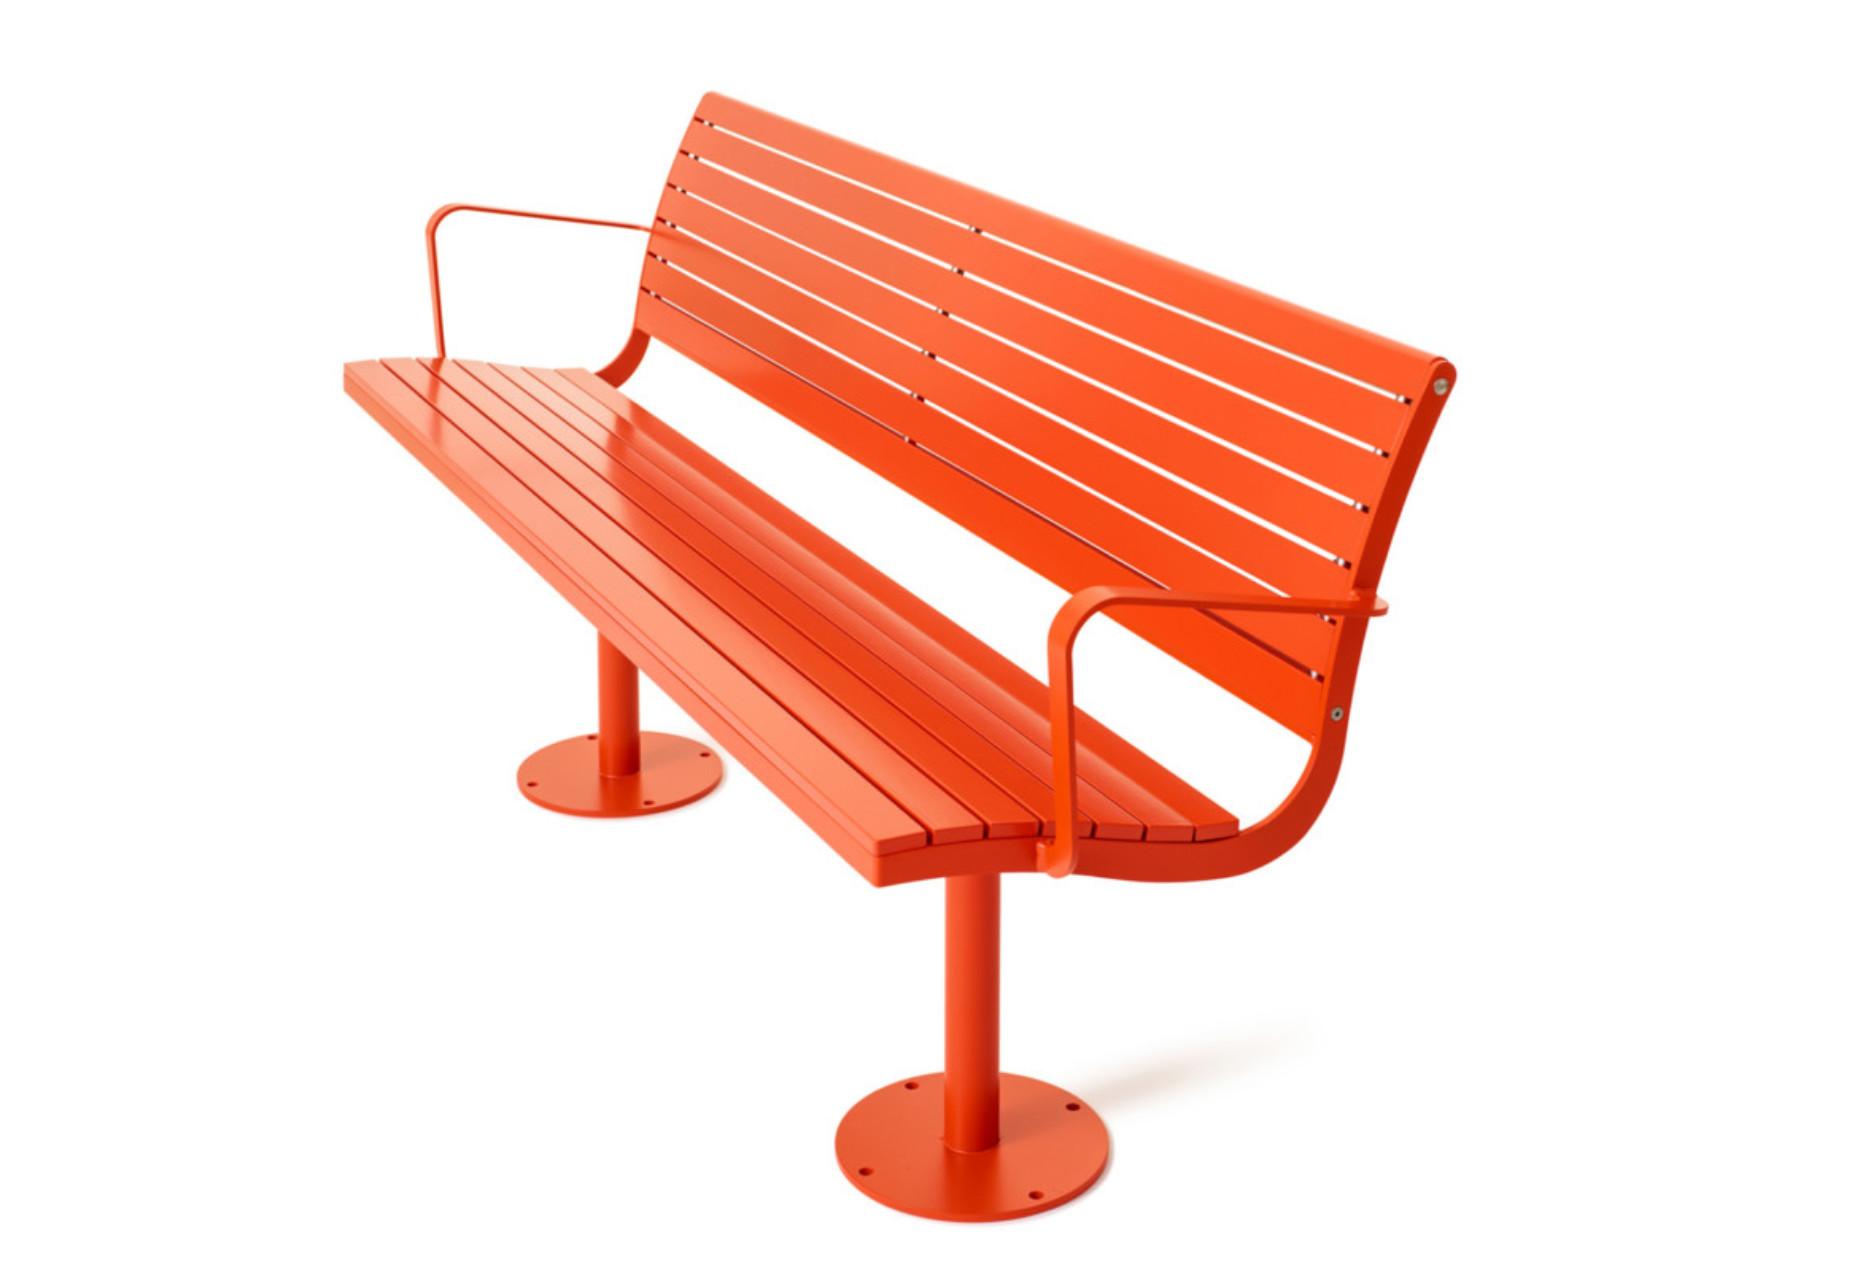 Parco umfasst eine Reihe von Freiraum Möbeln, darunter auch eine Bank